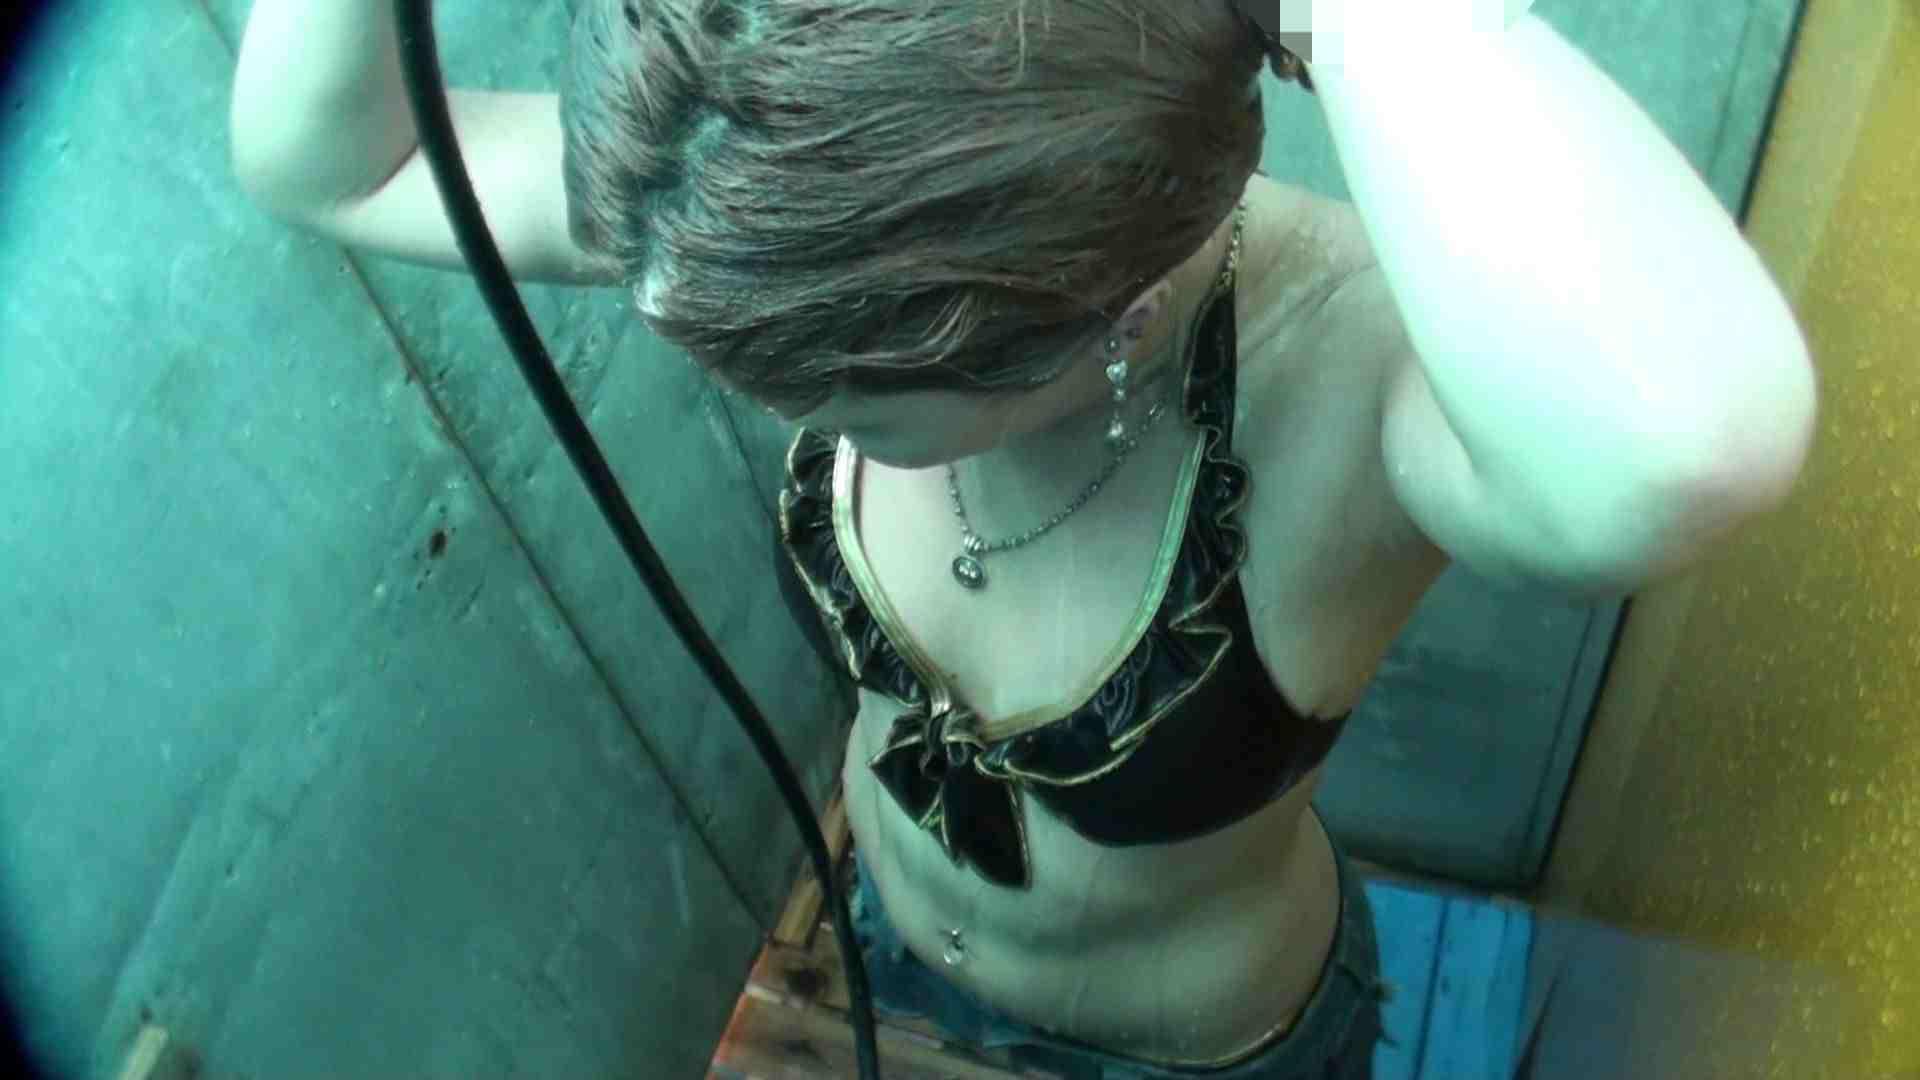 シャワールームは超!!危険な香りVol.19 顔だけ太った宇多田ヒカルのジラしのちら見せ 高画質 | シャワー  110PIX 37